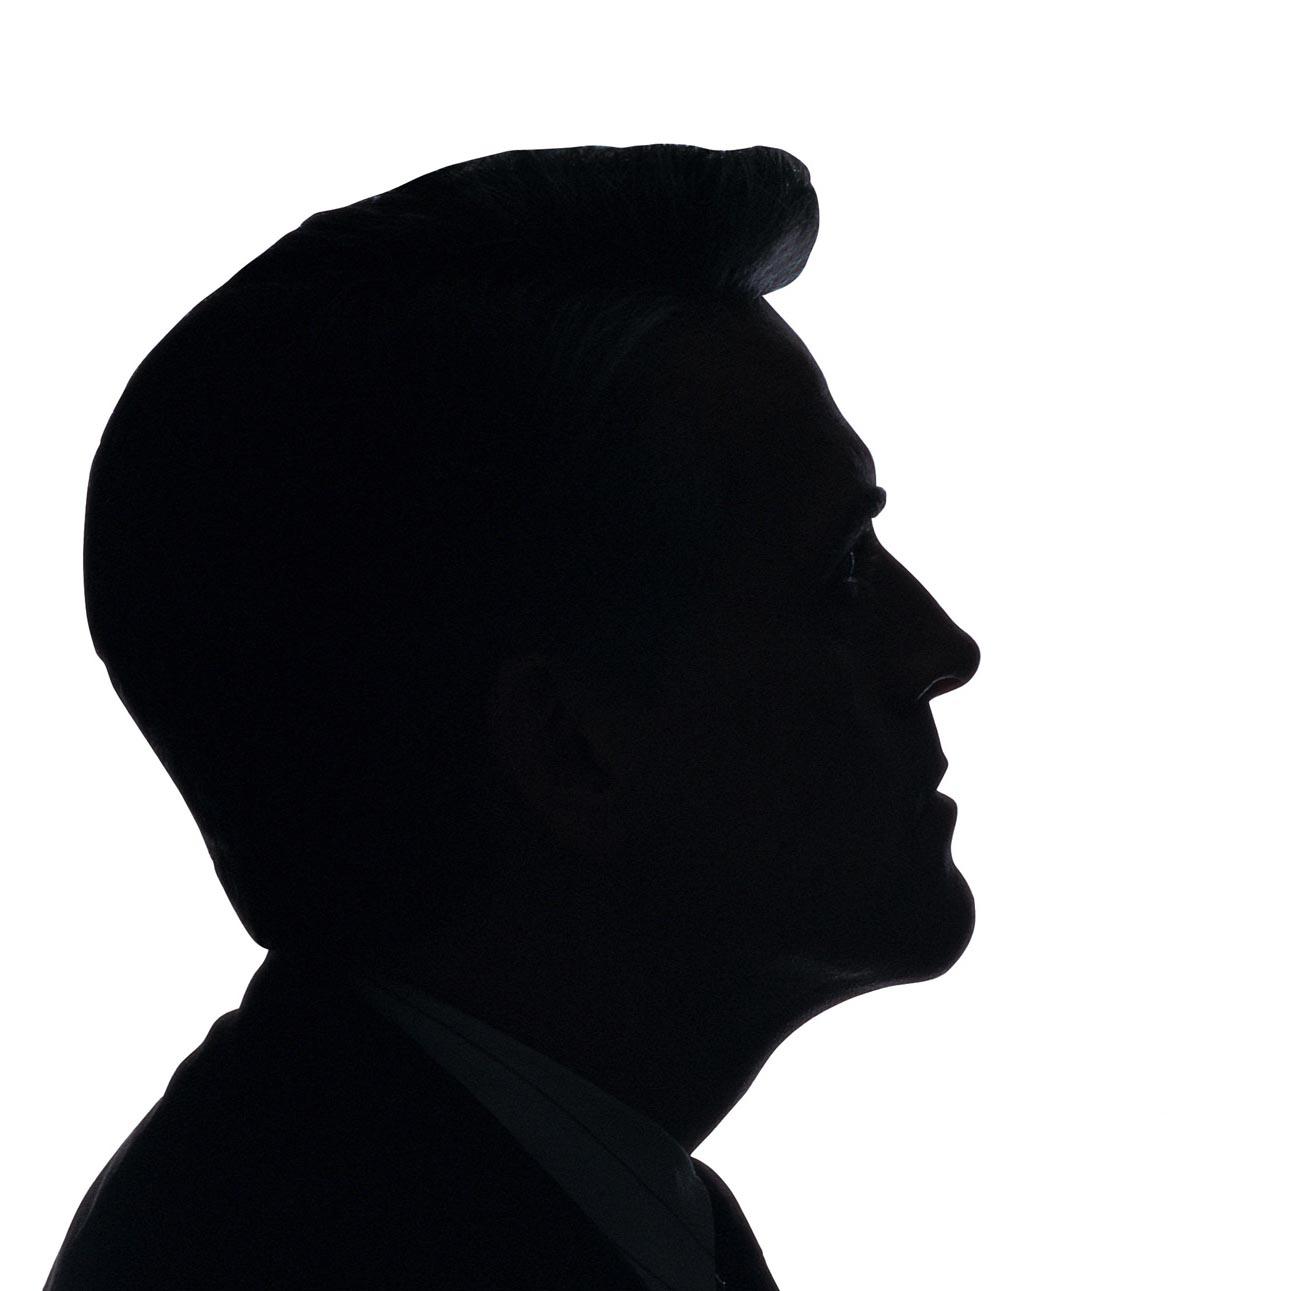 Male face profile silhouette